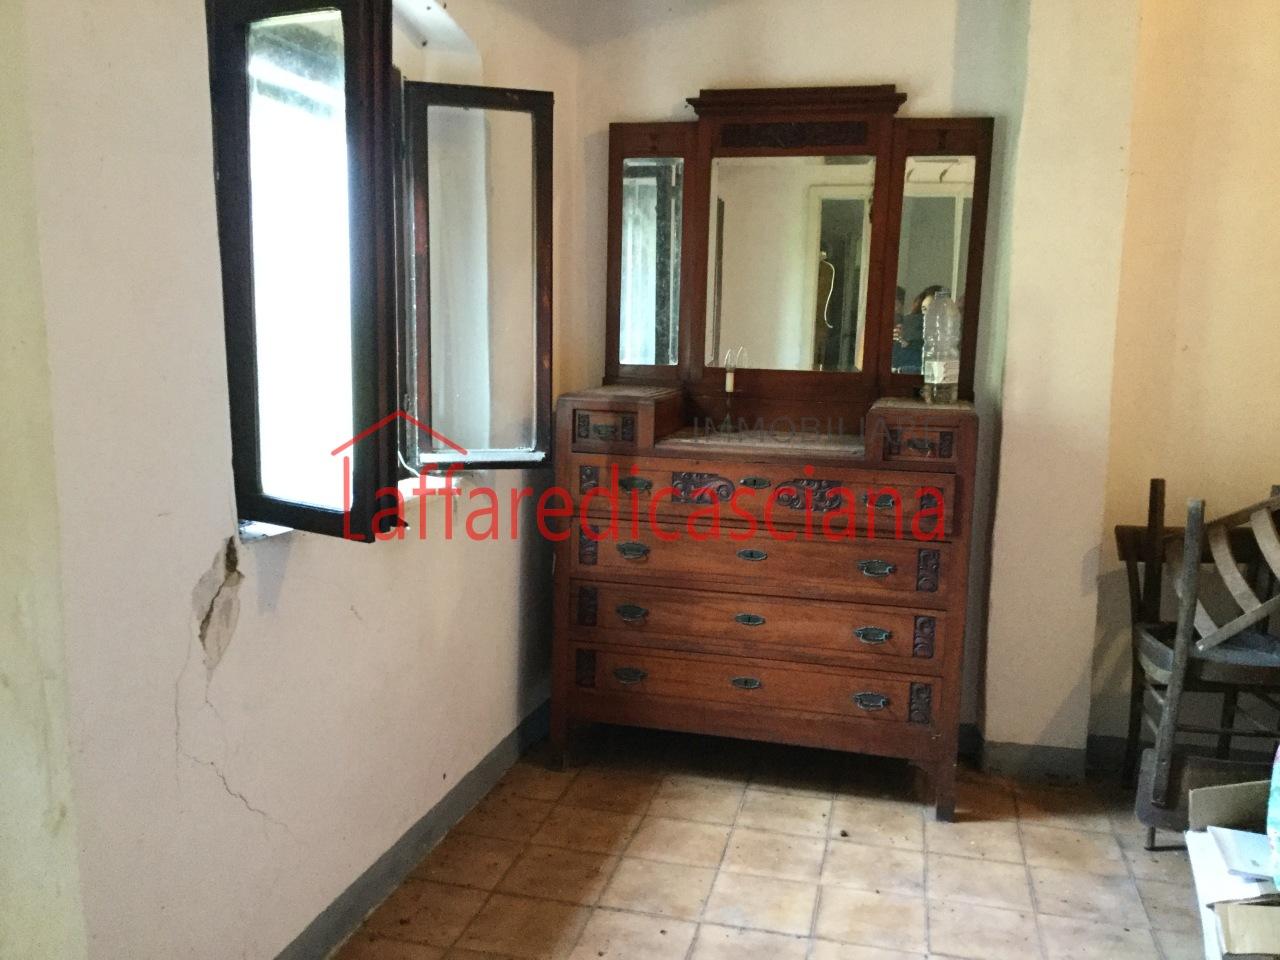 Colonica in vendita - Soianella, Terricciola